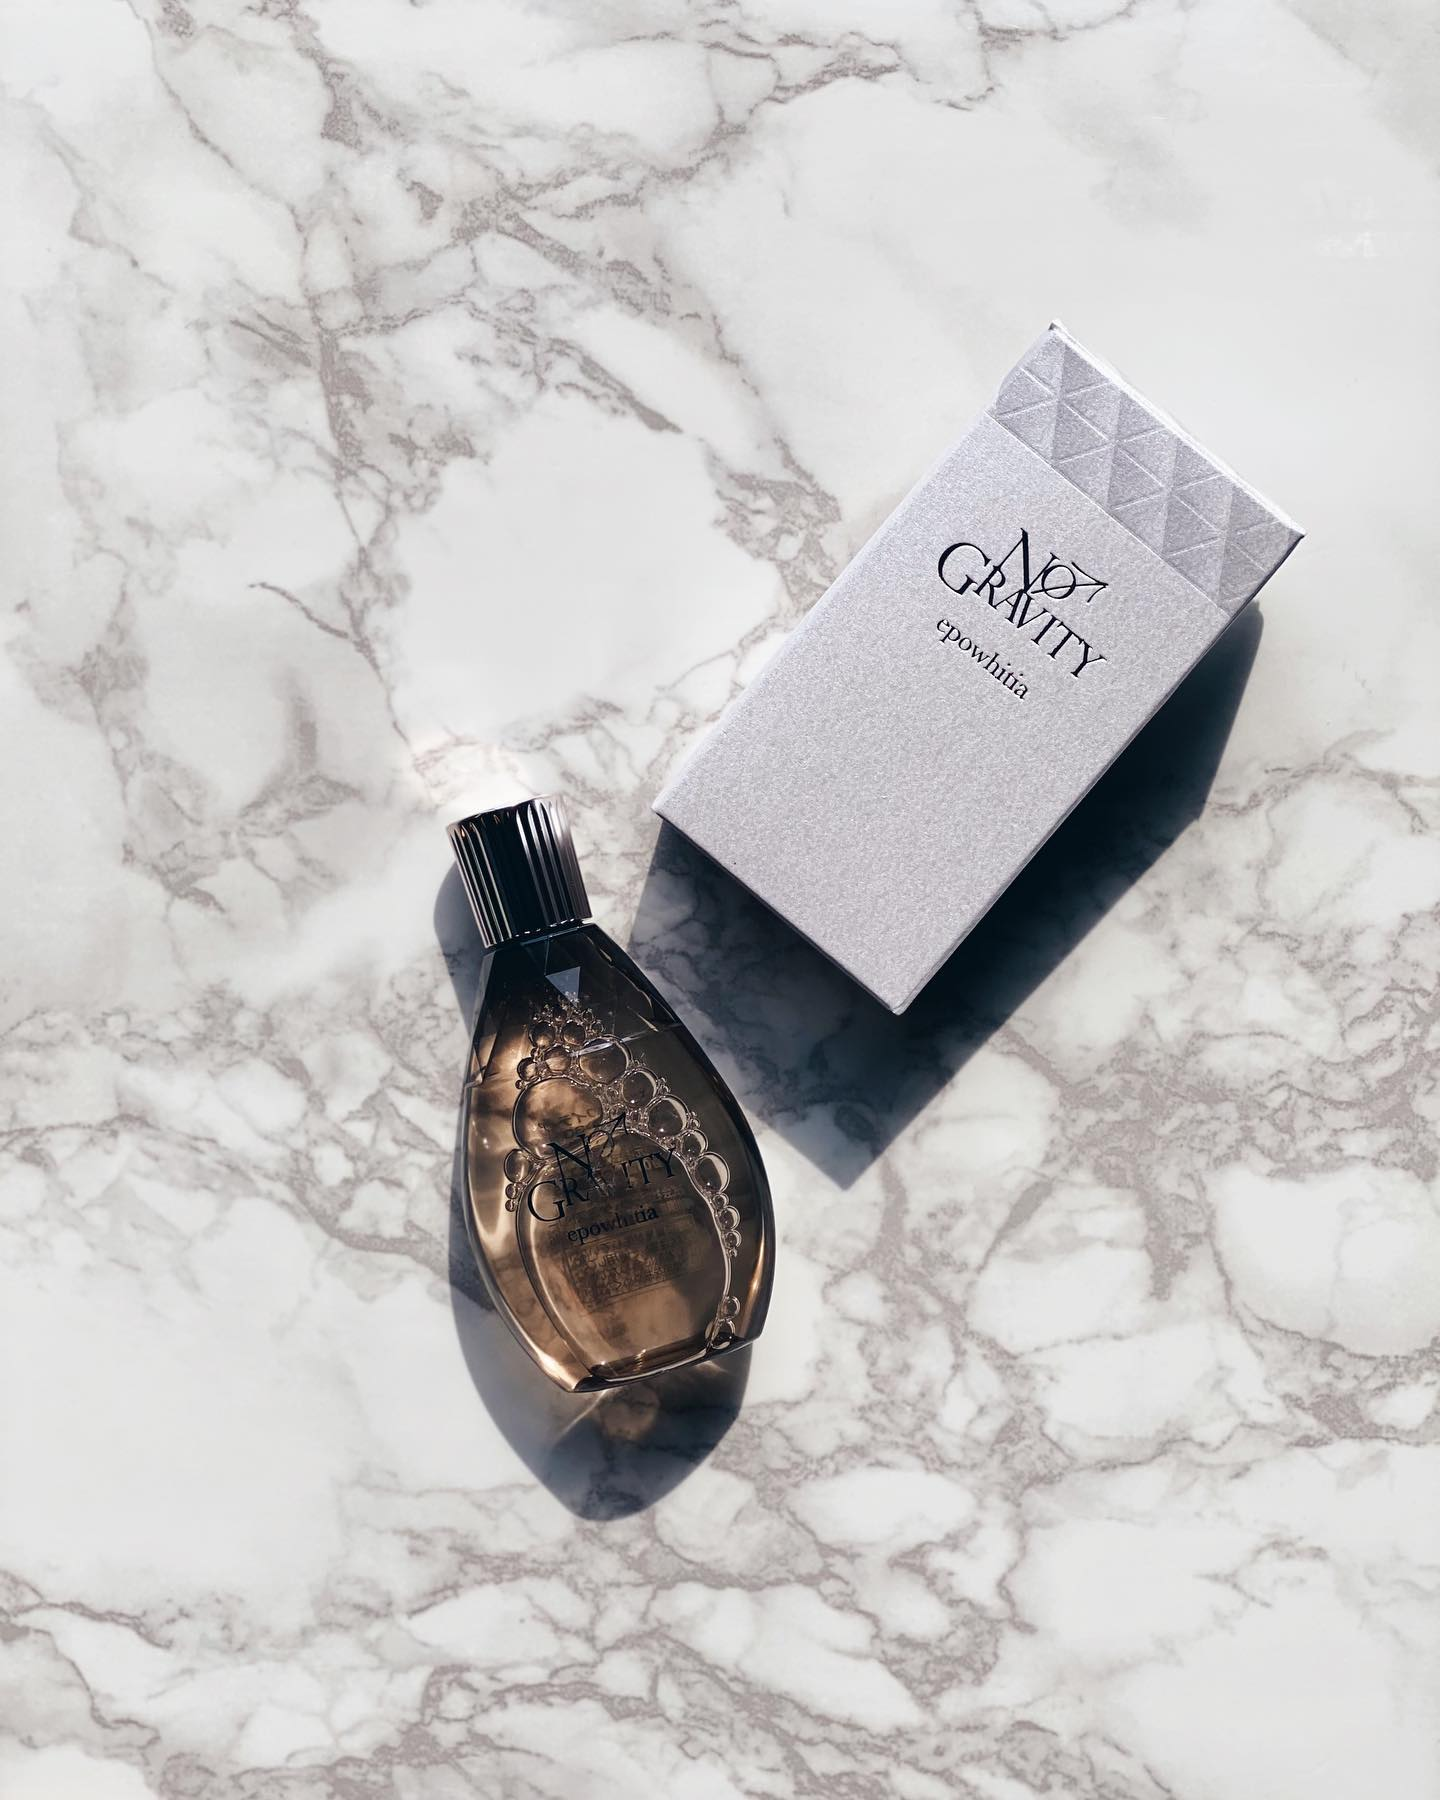 口コミ投稿:美容液𓅿𓇼最近フラコラにプラスして付けてる原液美容液💧結局原液って最強なんだなって…